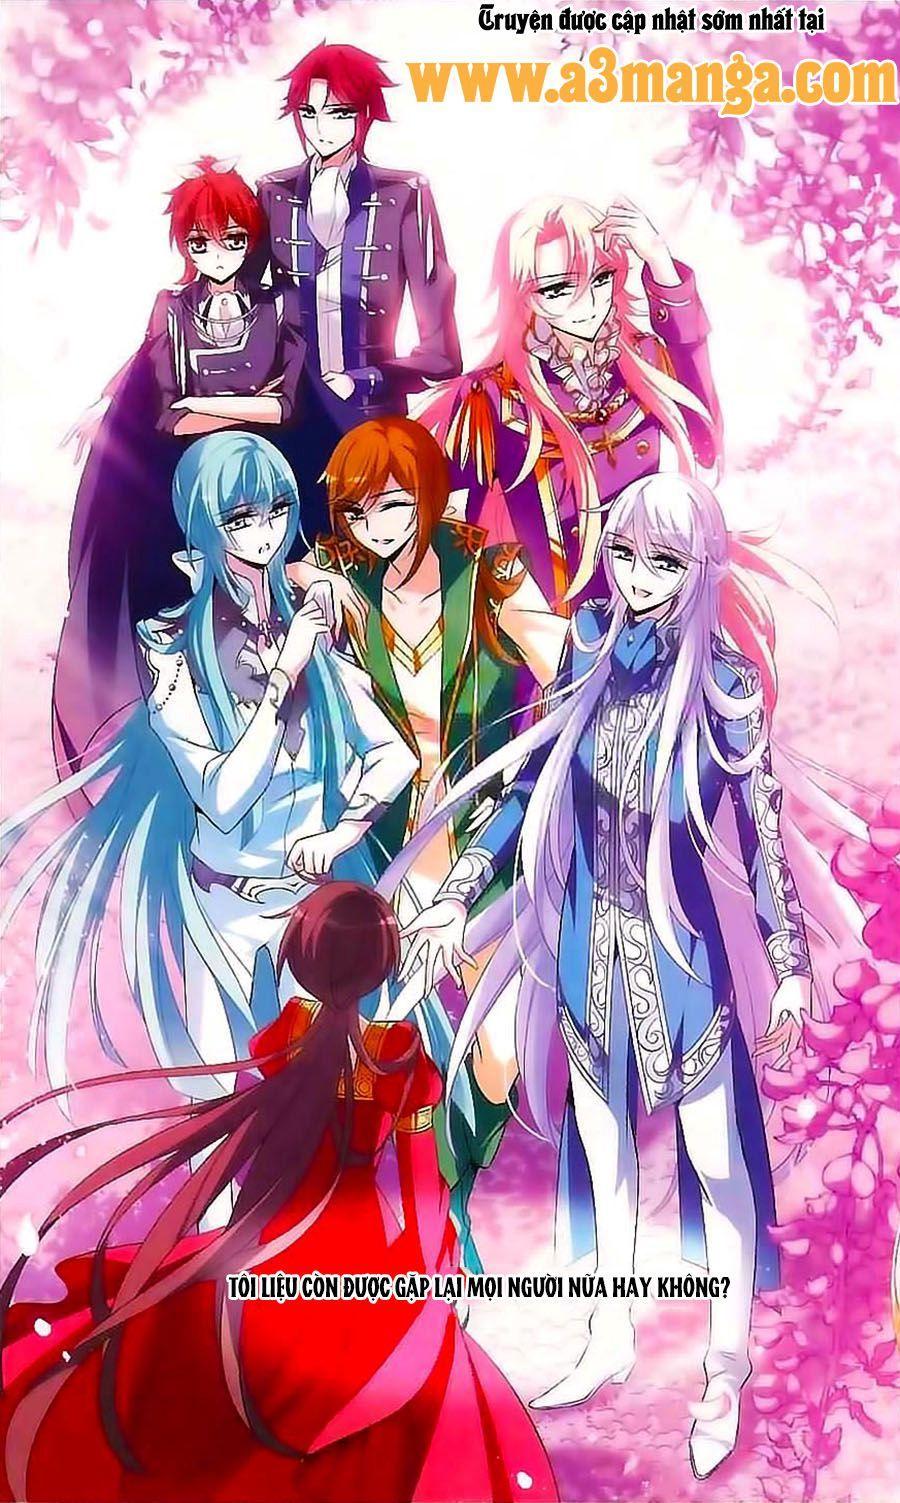 FULL ] [ TRUYỆN TRANH ] KỴ SĨ HOANG TƯỞNG DẠ | Manga anime, Cô gái phim  hoạt hình, Anime